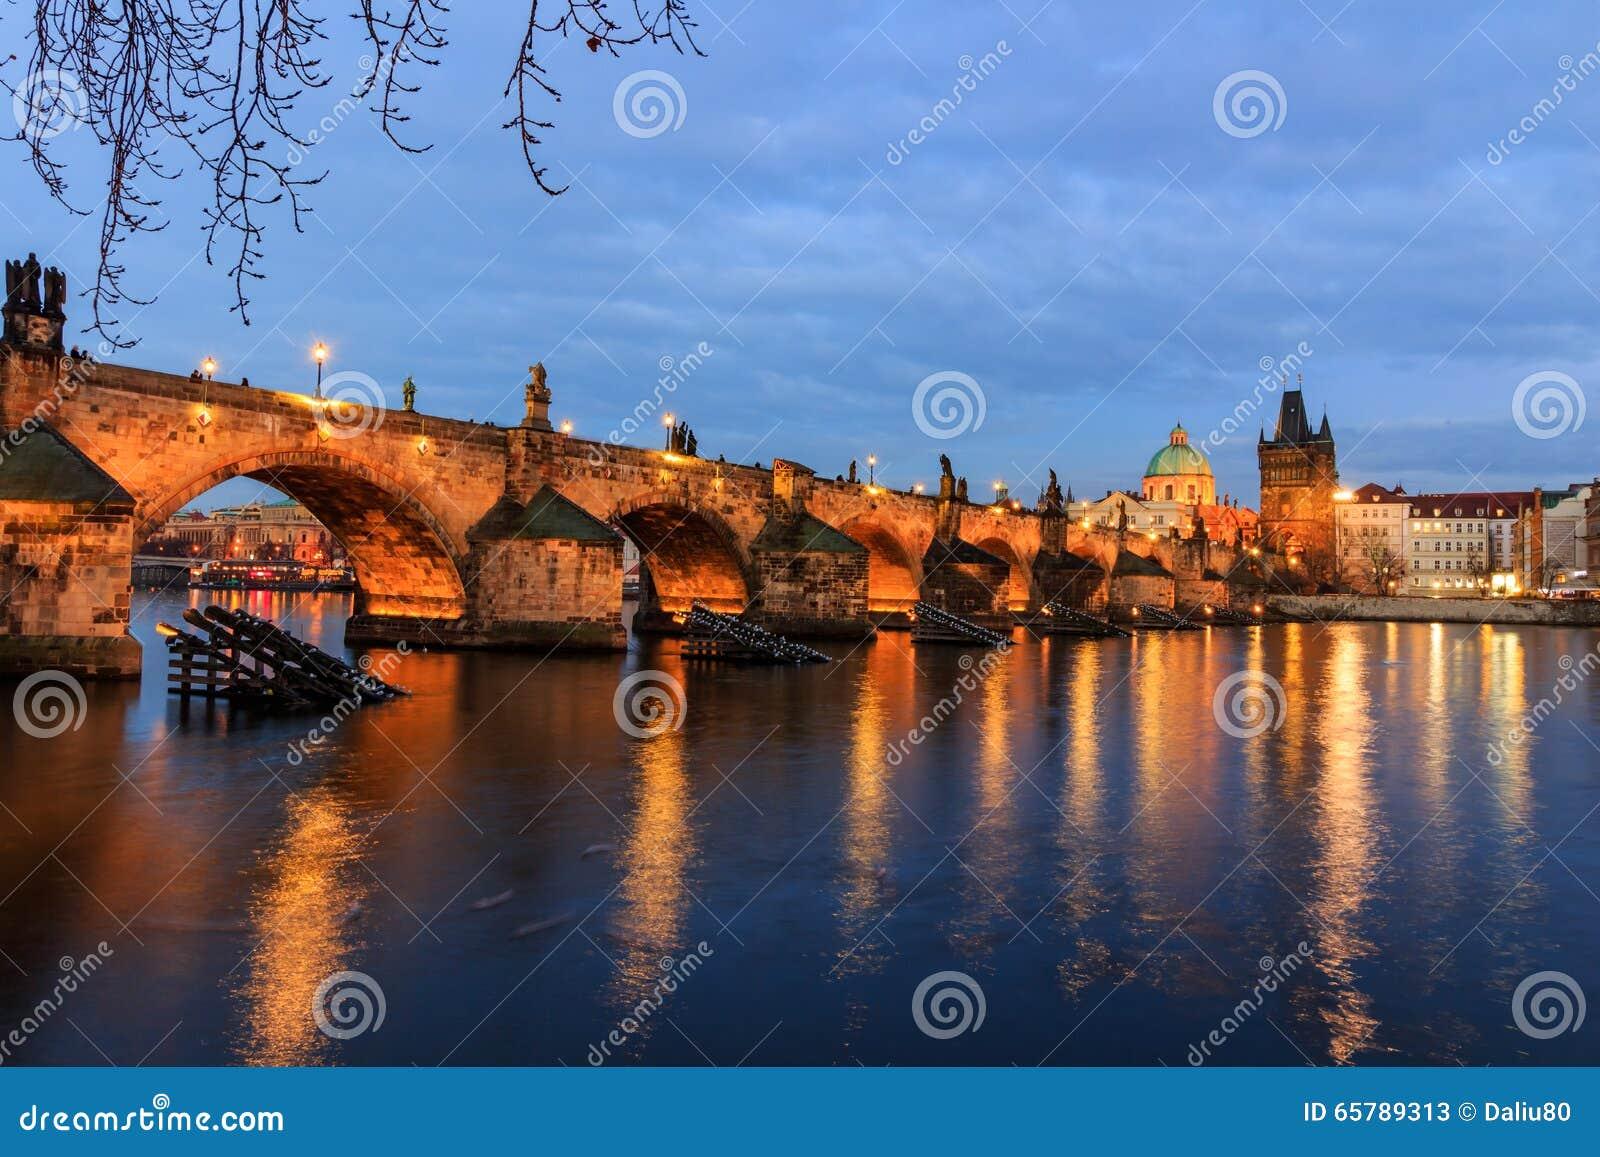 Η γέφυρα του Charles (τσέχικα: Το Karluv πιό πολύ) είναι μια διάσημη ιστορική γέφυρα στην Πράγα, Δημοκρατία της Τσεχίας